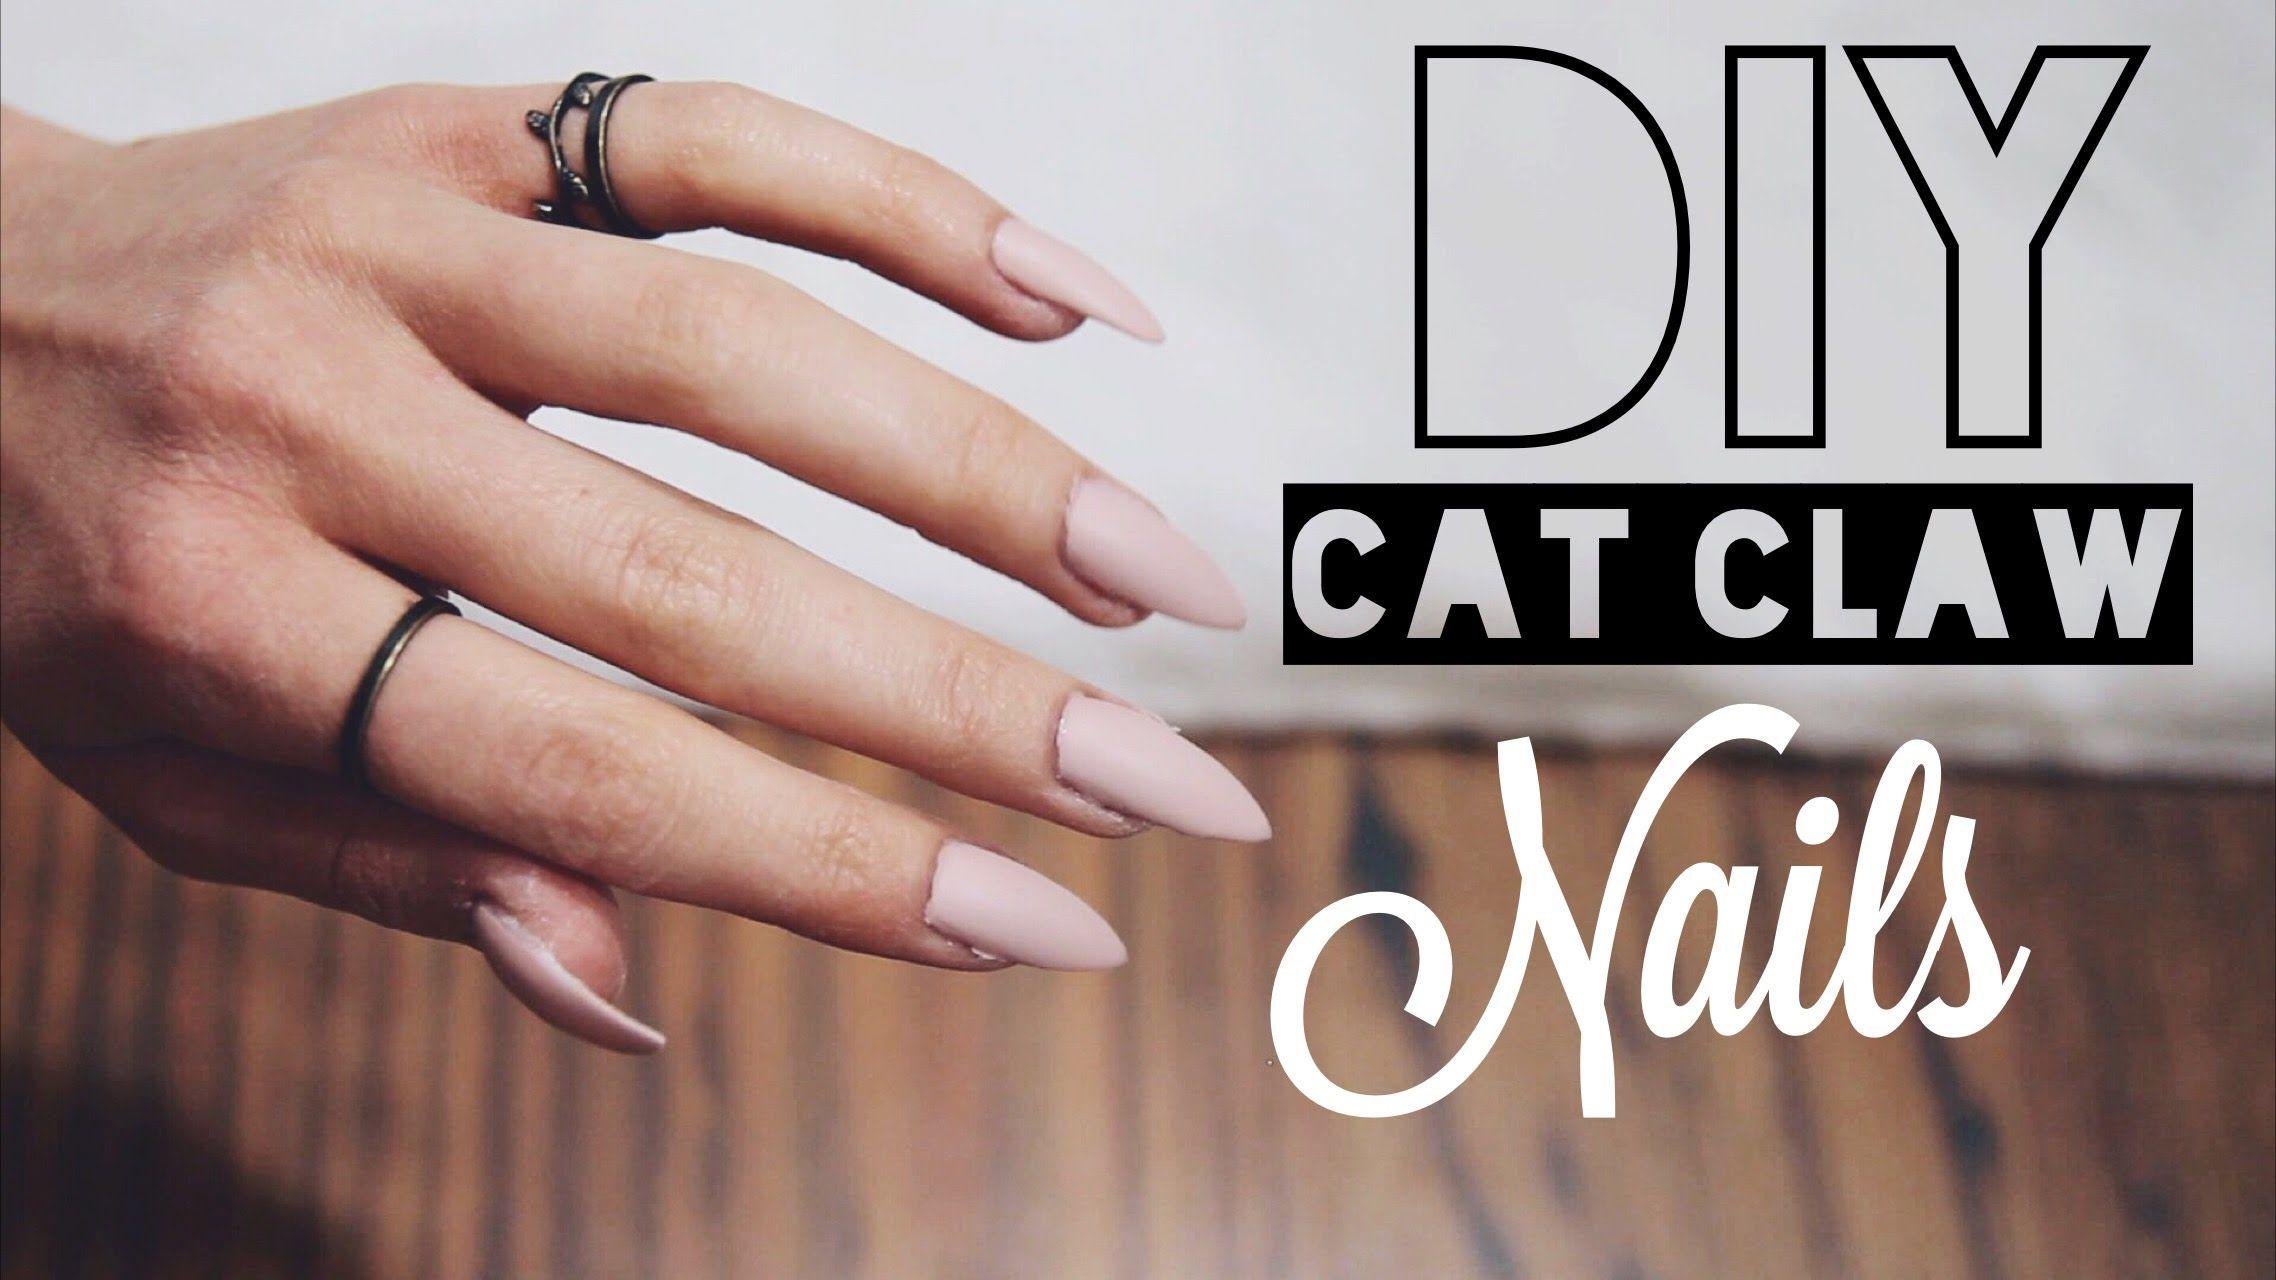 Diy easy fake nails at home no acrylic youtube nails diy easy fake nails at home no acrylic youtube nails pinterest manicure makeup and nail nail solutioingenieria Choice Image